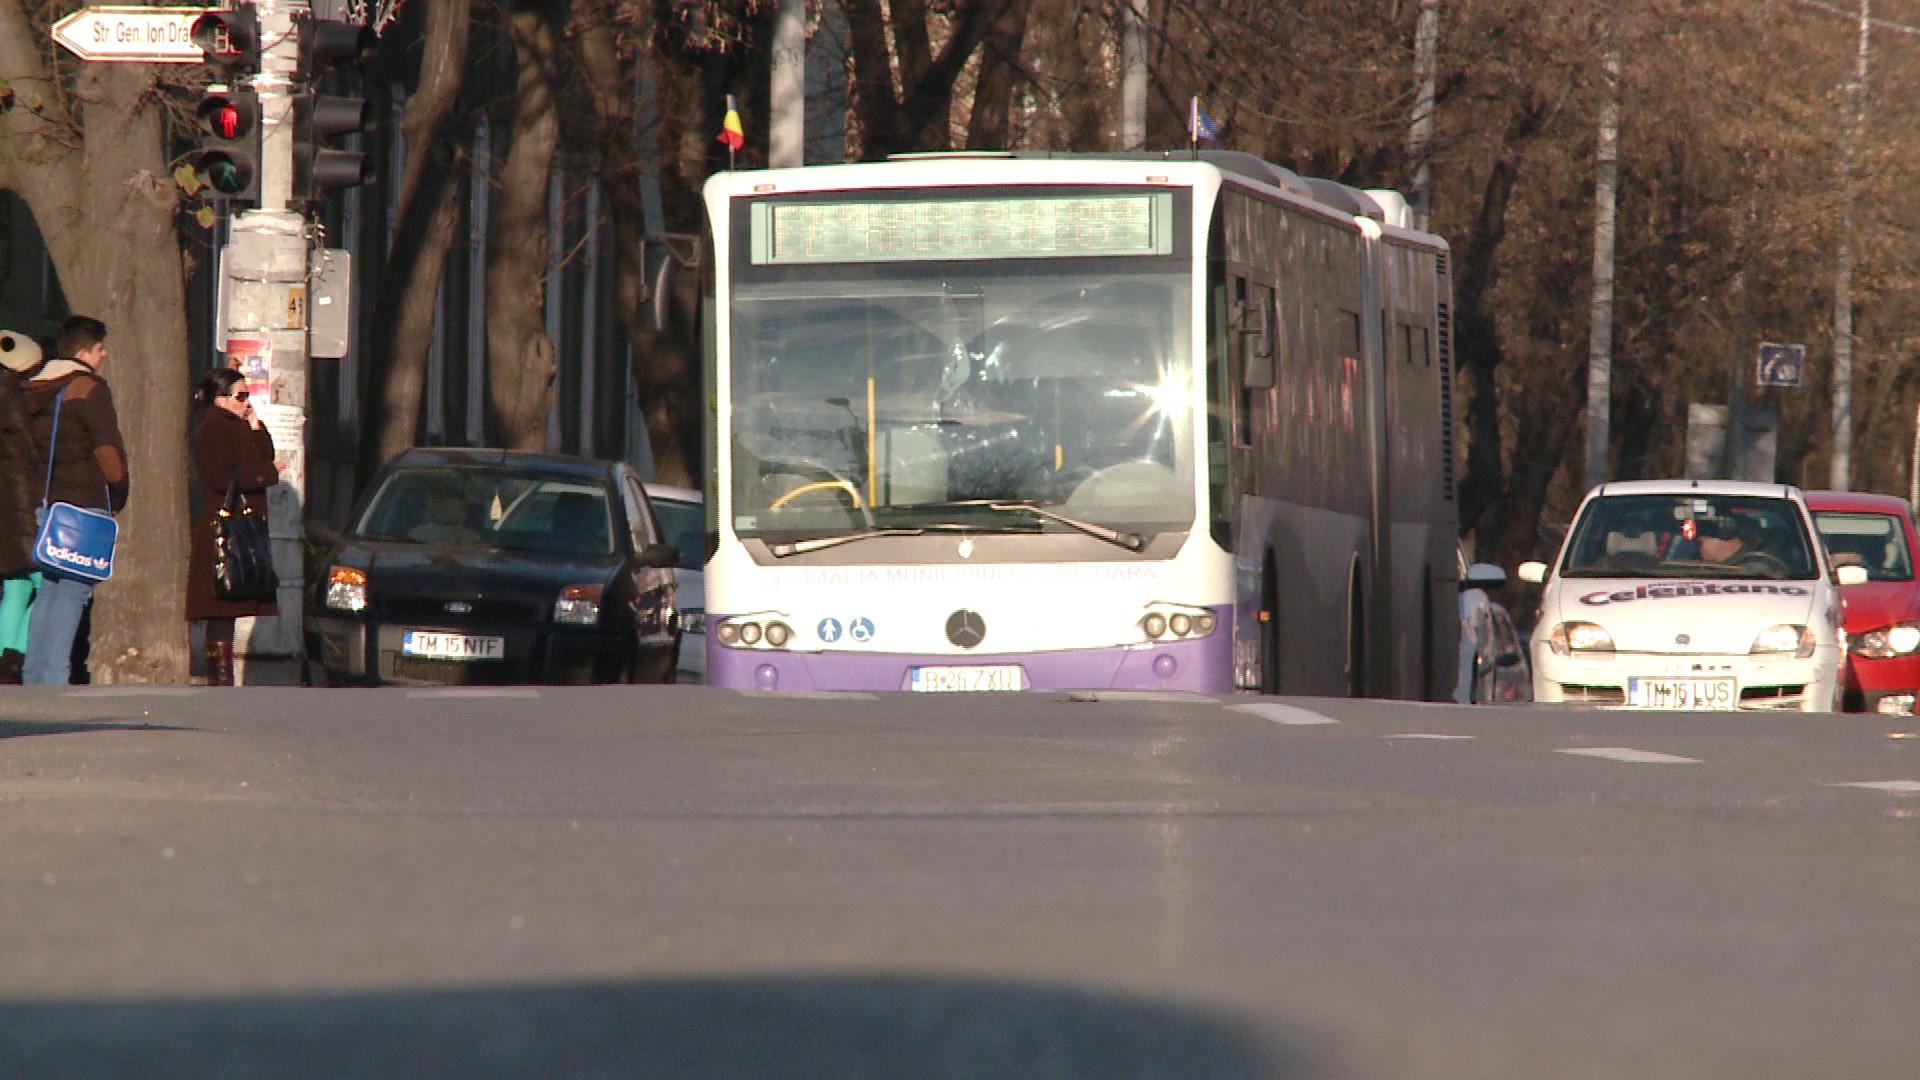 Program prelungit pentru unele mijloace de transport in comun din Timisoara, in noaptea de Inviere. Vezi cum vor circula